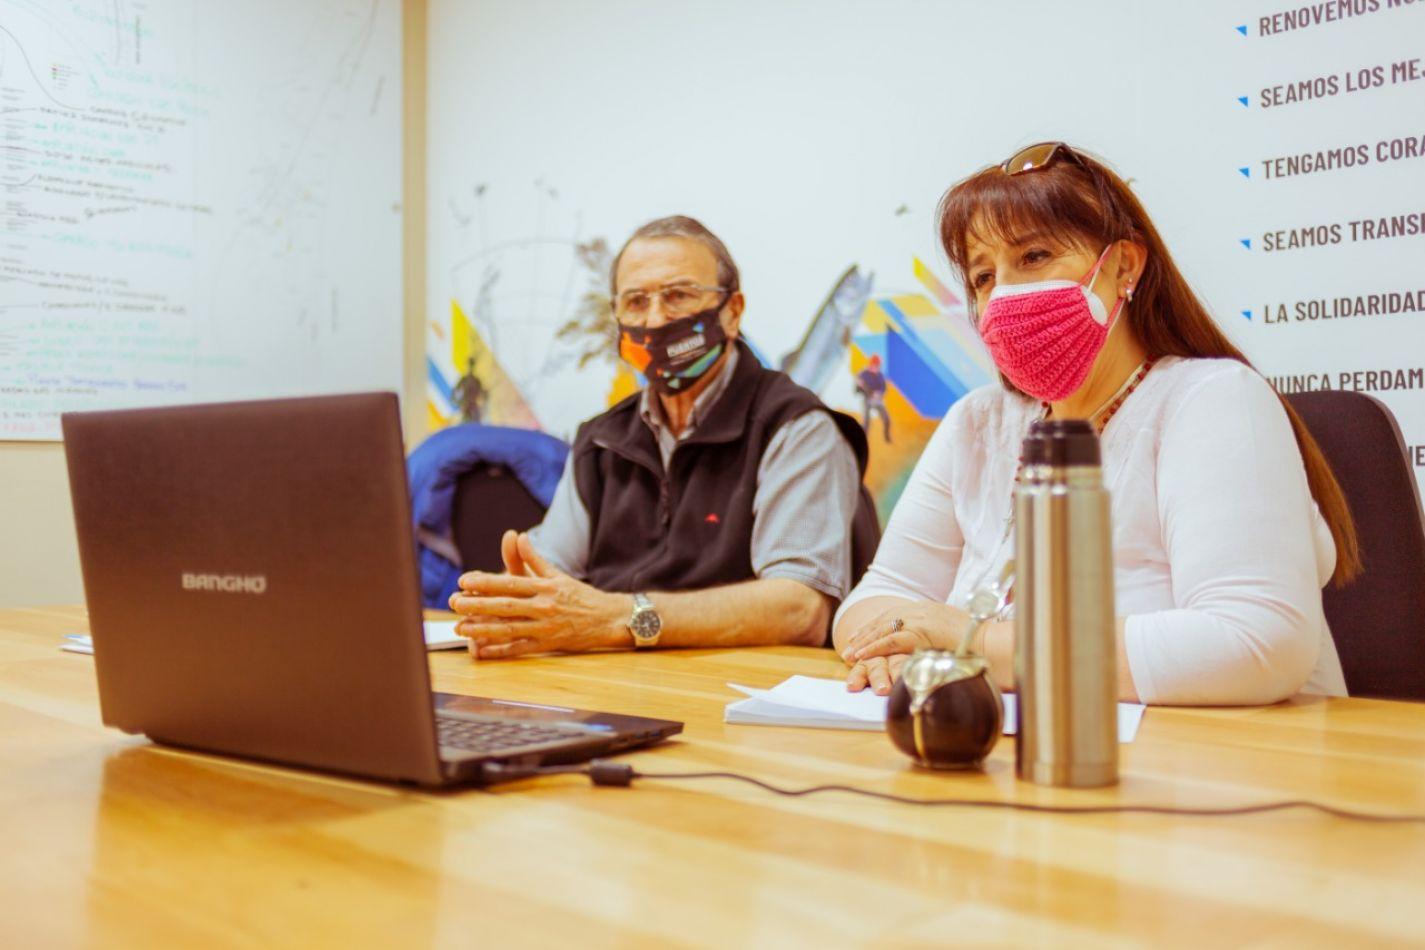 El presidente de la Dirección Provincial de Puertos, Roberto Murcia junto a la ministra de Obras y Servicios Públicos, Gabriela Castillo.